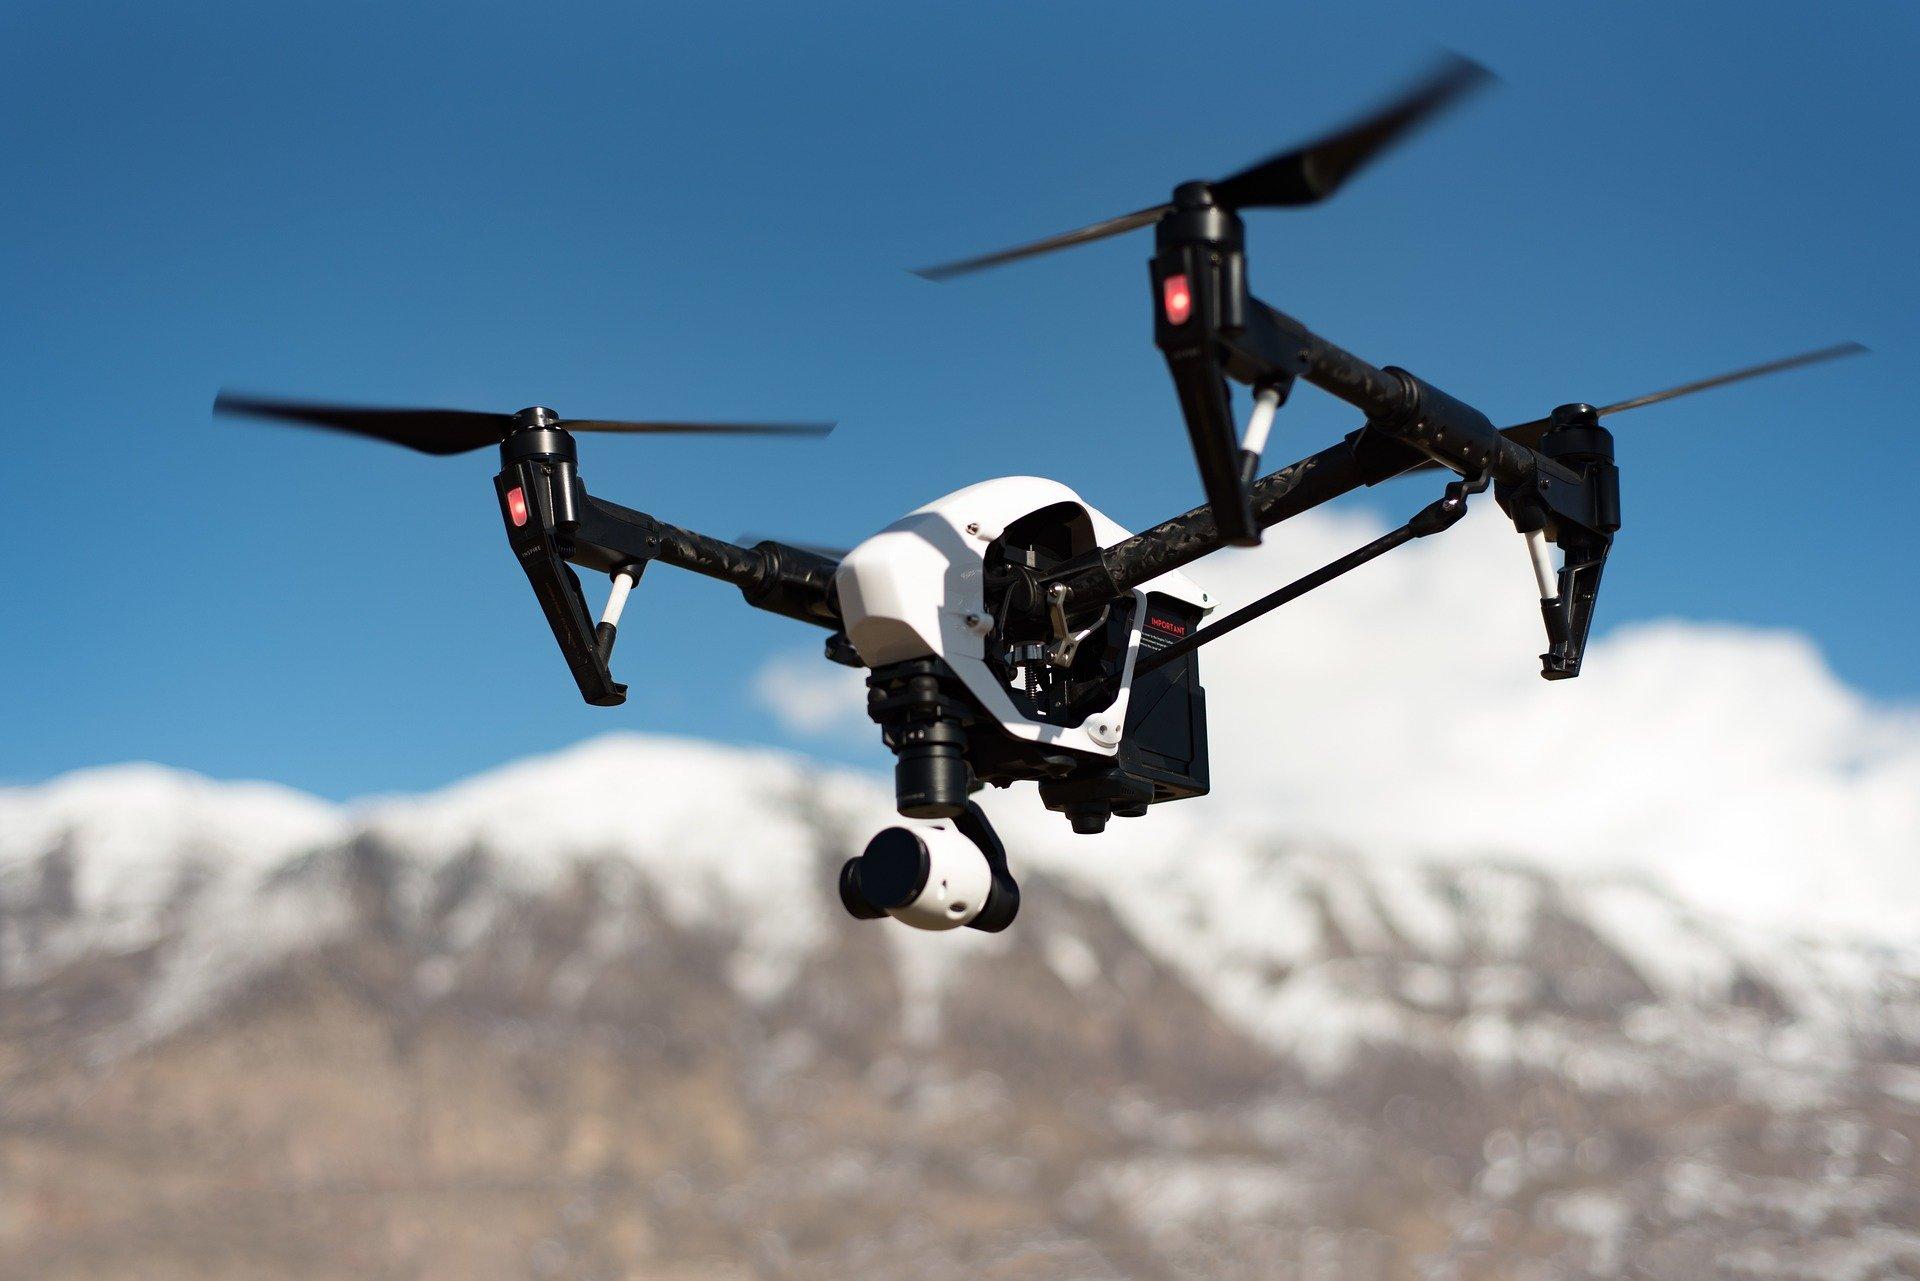 Heb ik een drone certificaat nodig om te vliegen met een drone?